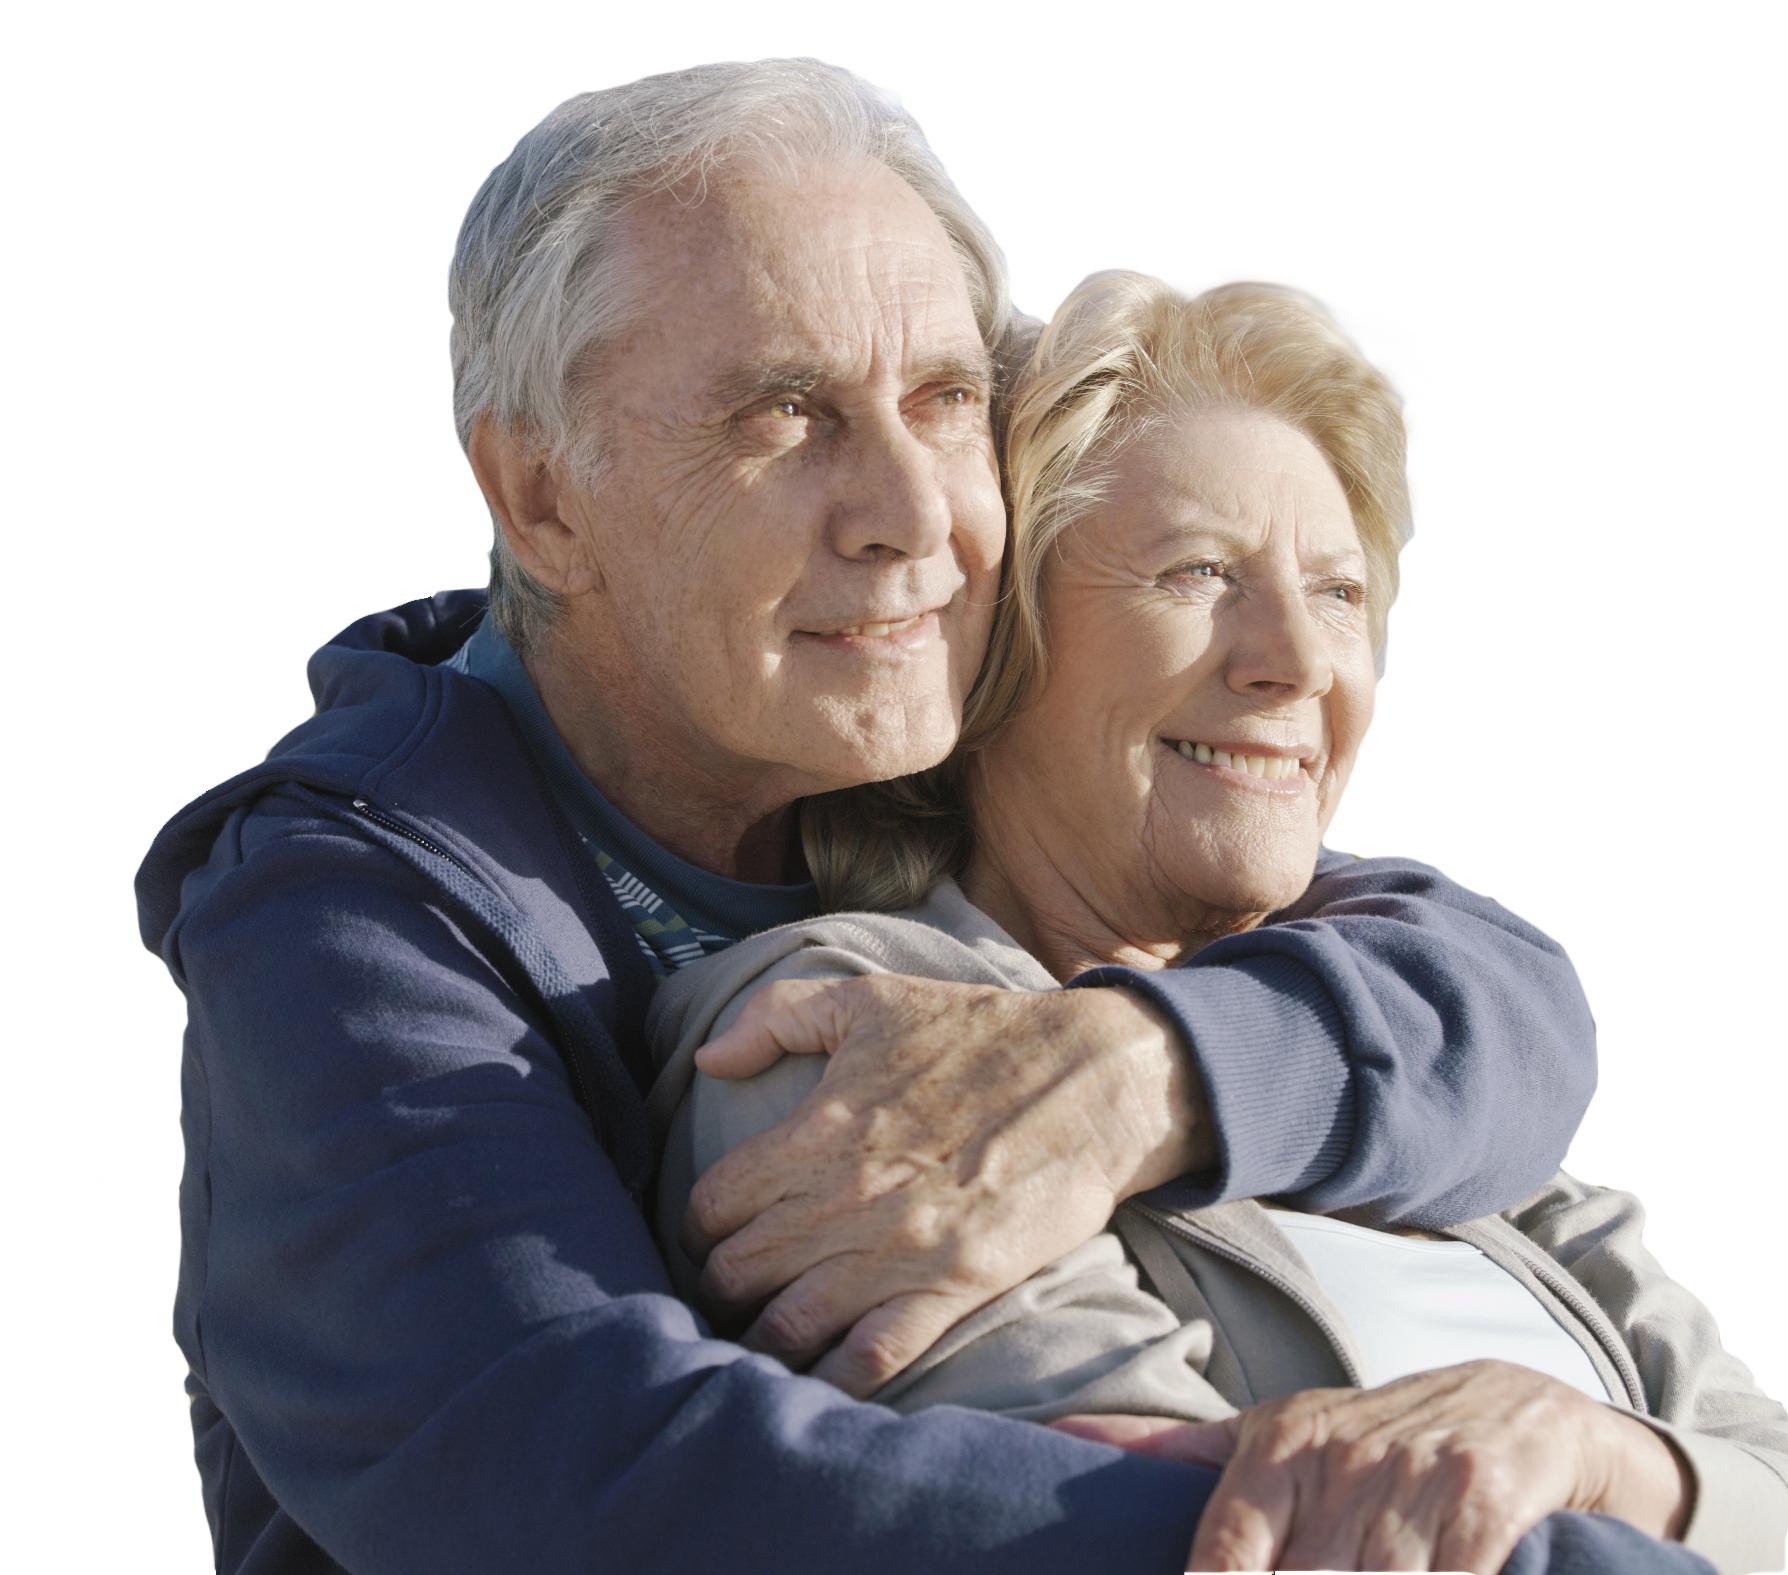 определенная картинка давай вместе встретим старость туристам